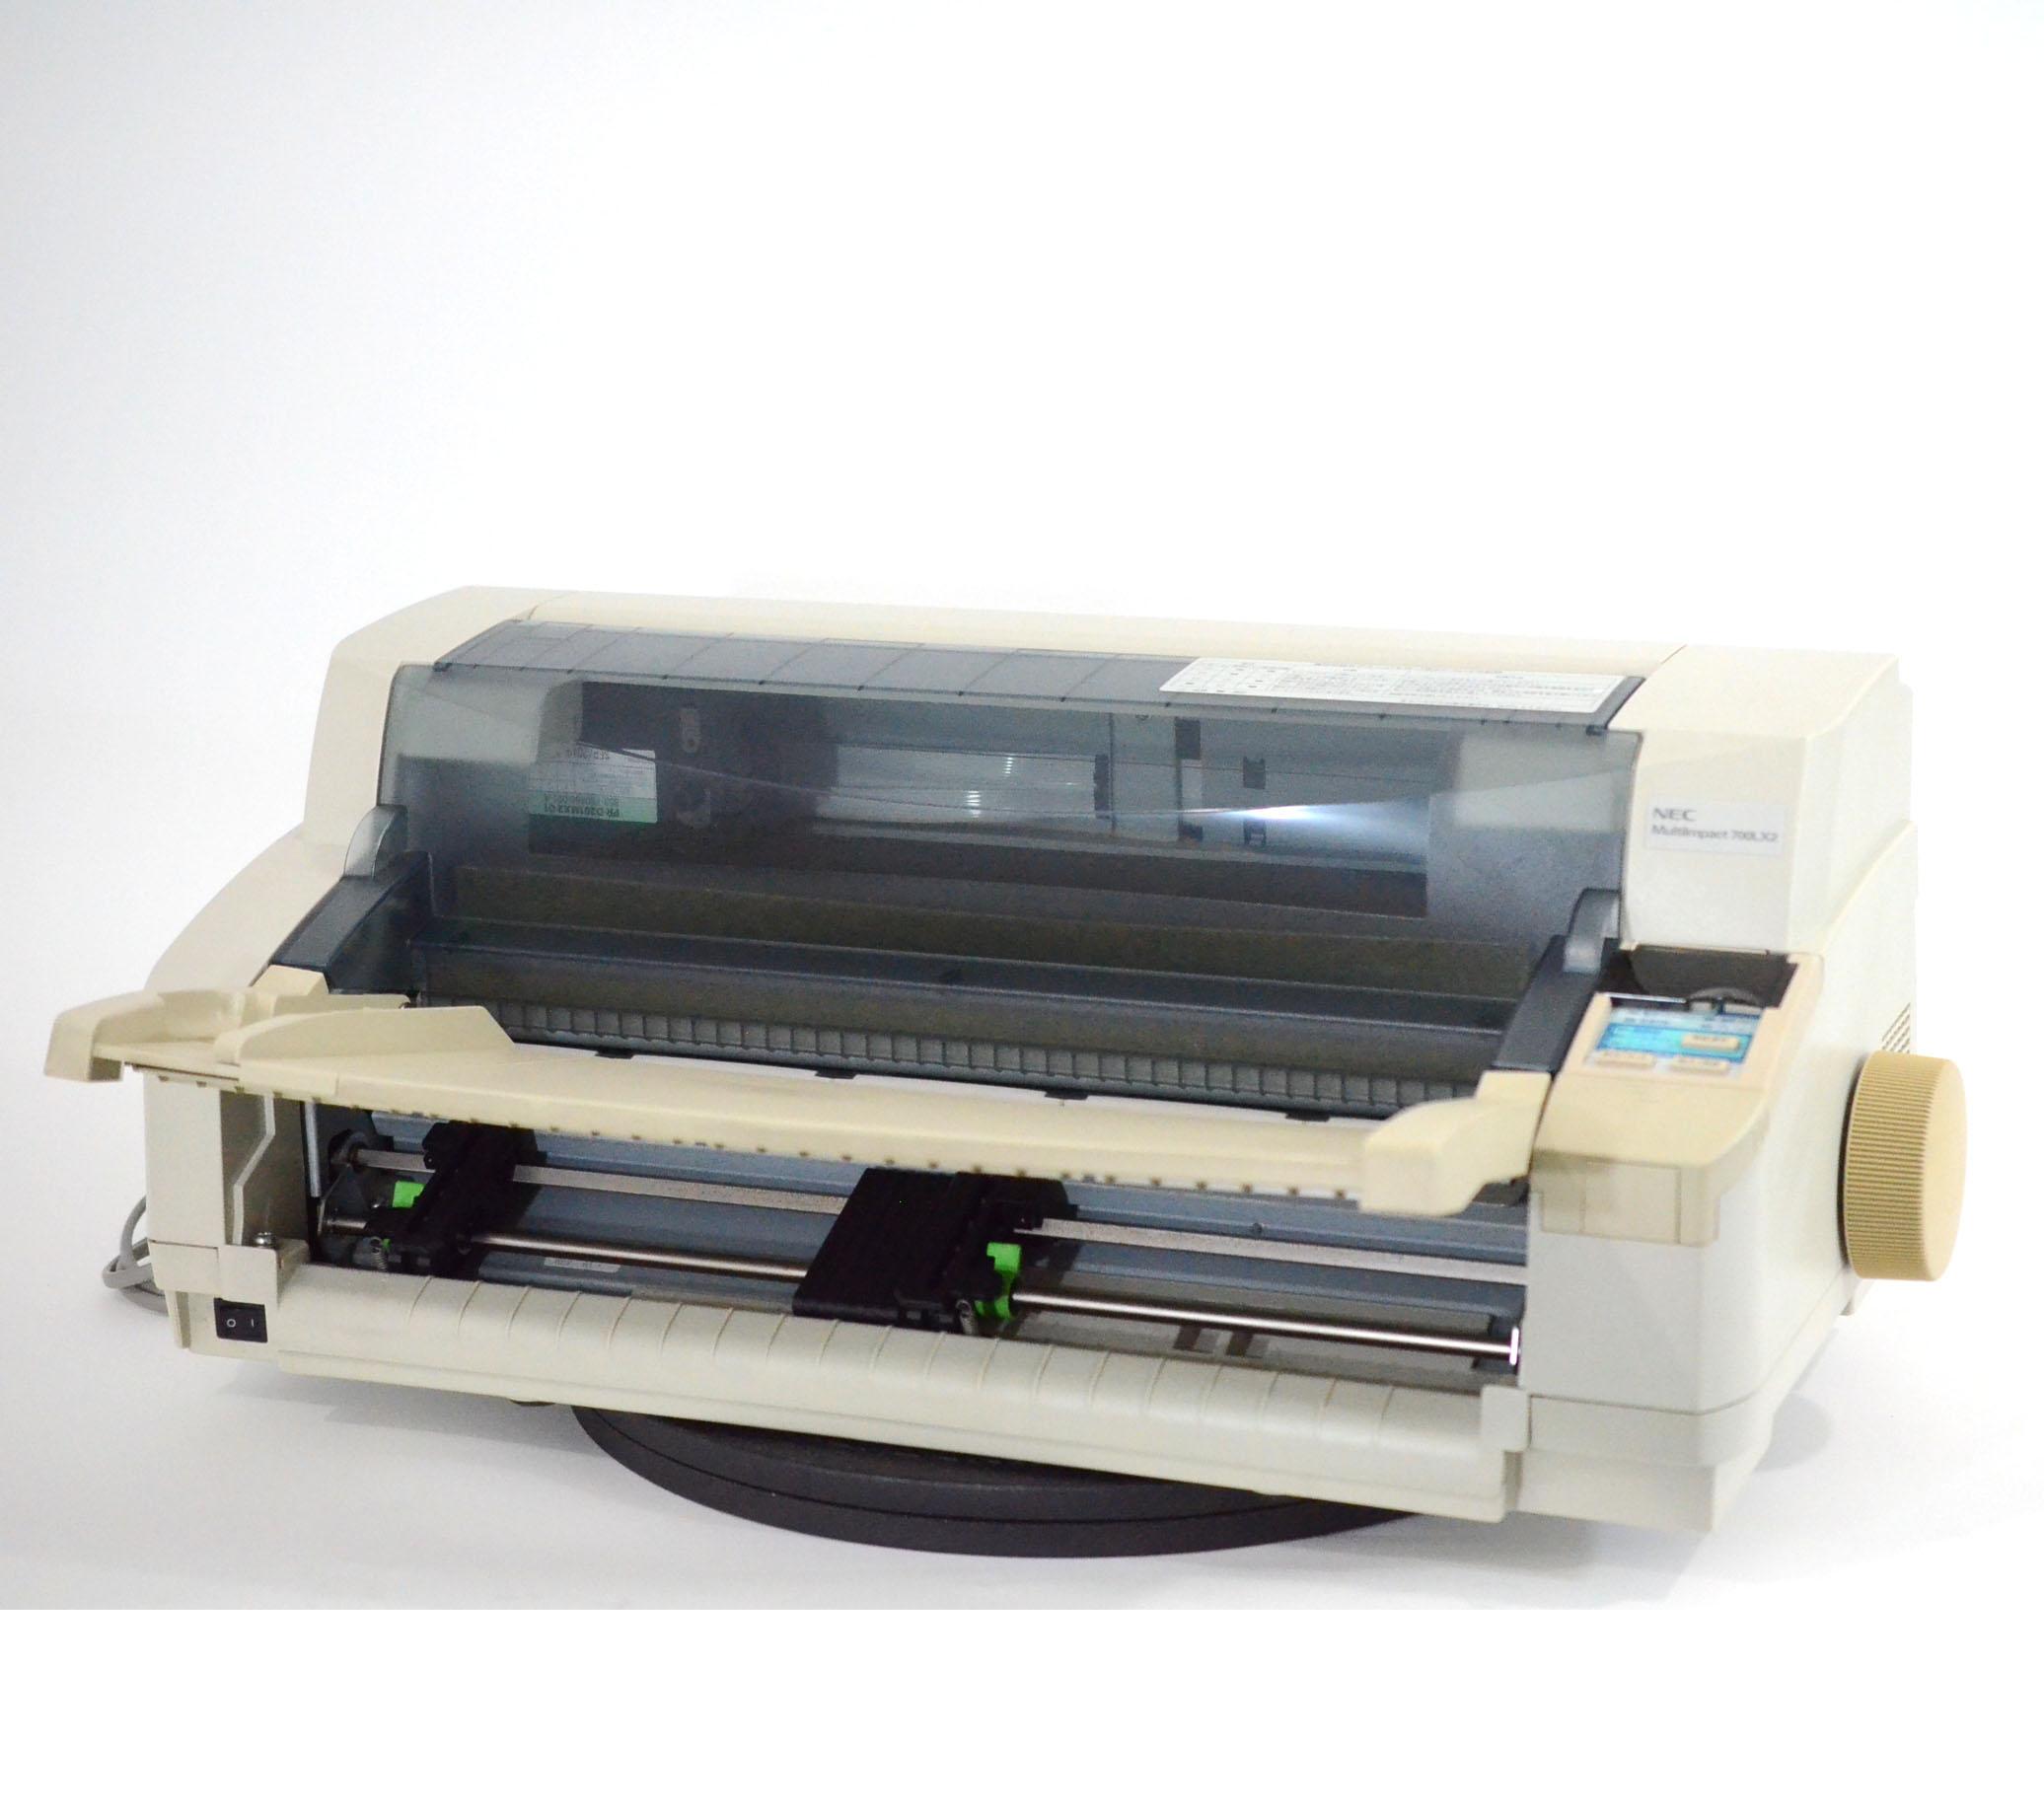 【中古】NEC ドットプリンター MultiImpact700LX2 伝票 複写 水平型